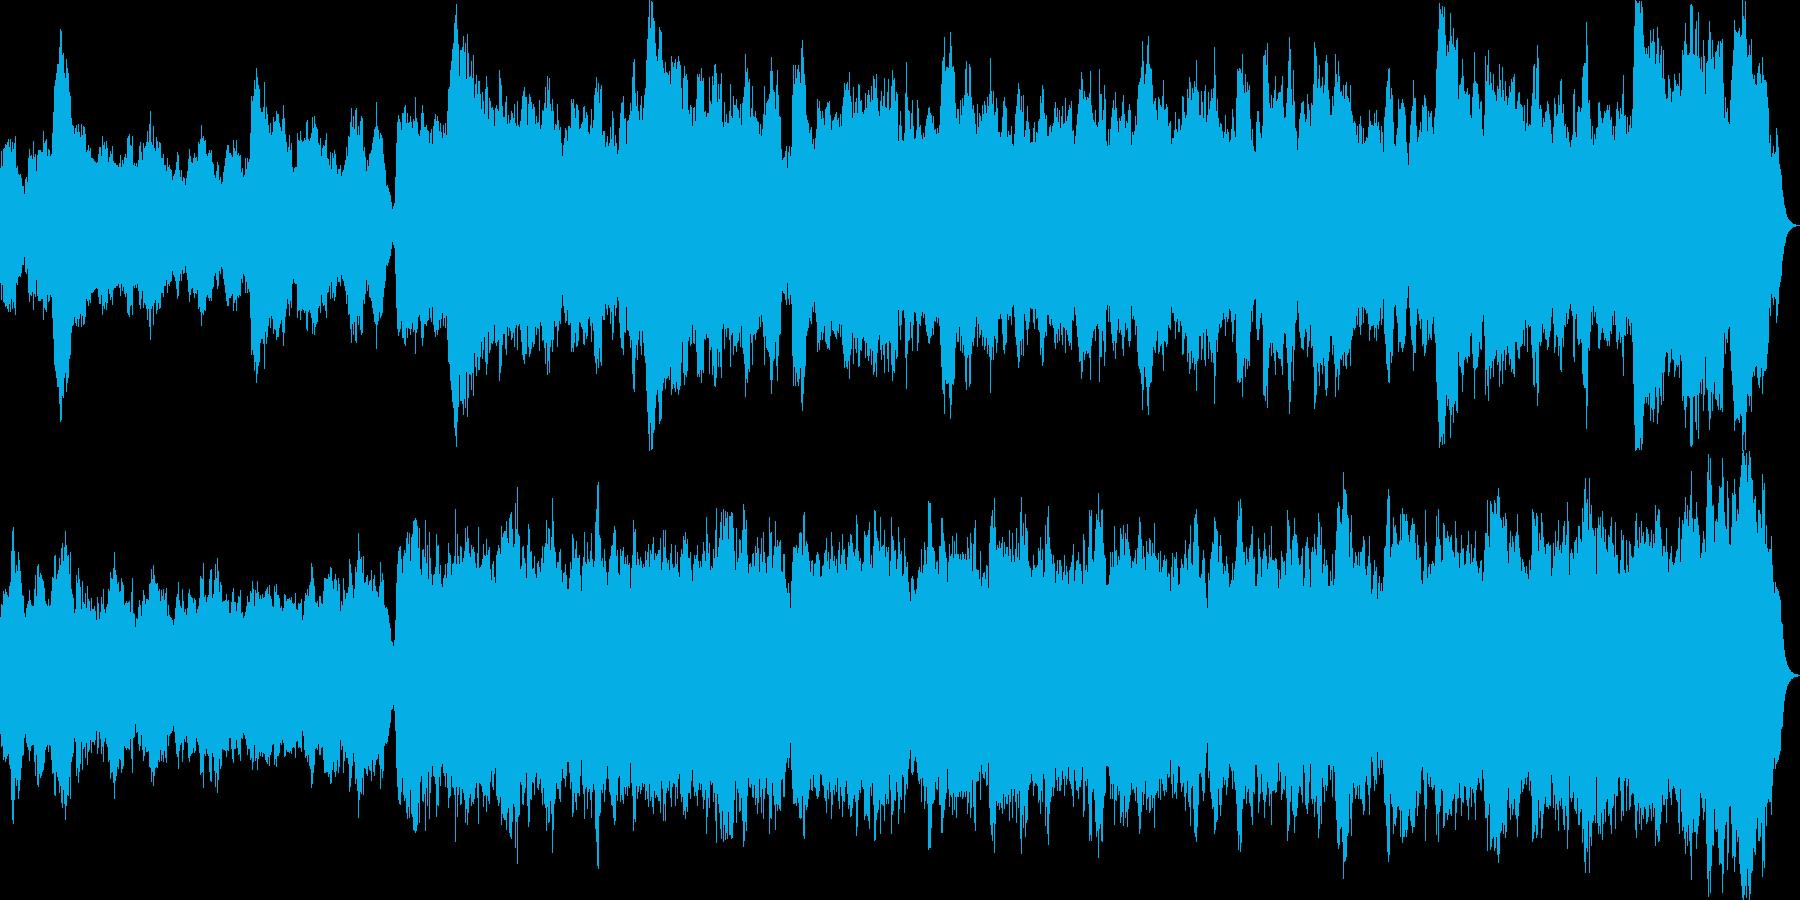 パイプオルガンの厚みのある壮大な前奏曲の再生済みの波形